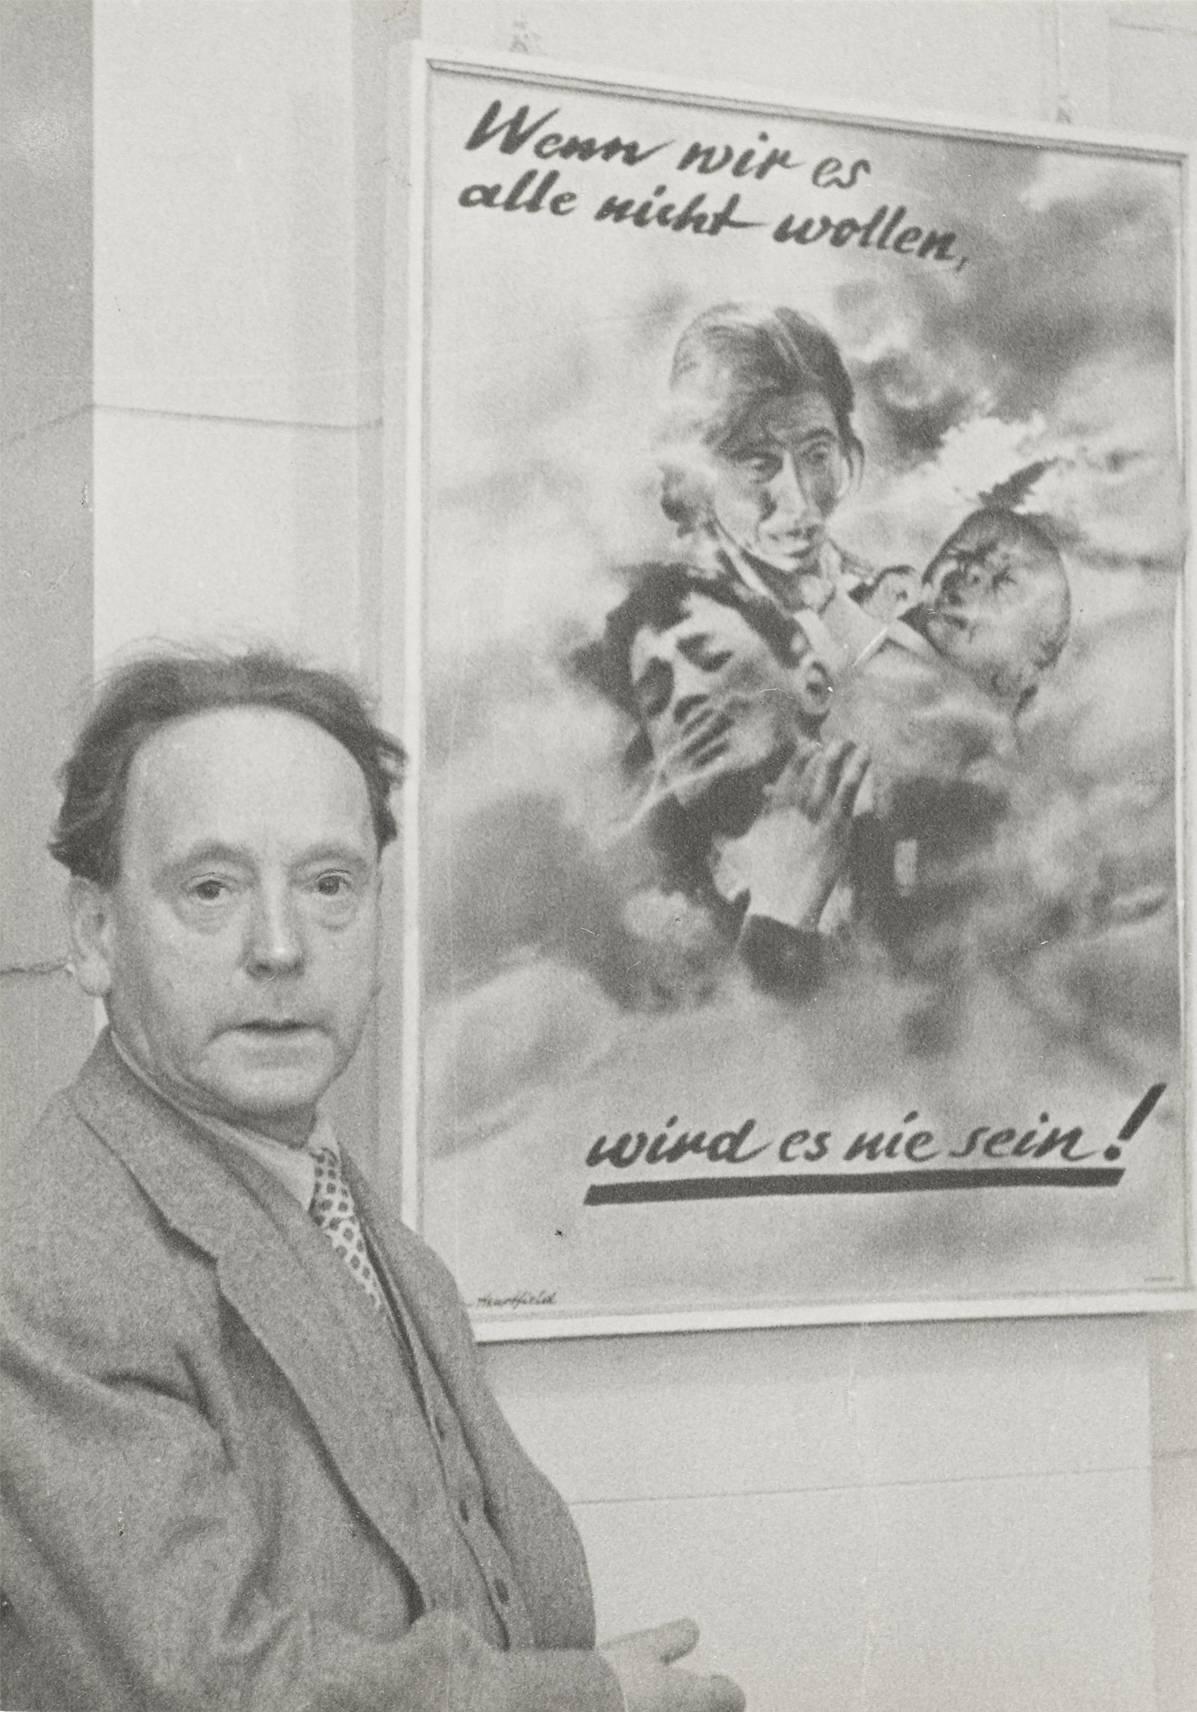 """John Heartfield in seiner Ausstellung """"John Heartfield und die Kunst der Fotomontage"""", im Hintergrund sein Werk """"Wenn wir es alle nicht wollen, wird es nie sein!"""", Berlin, 1957"""